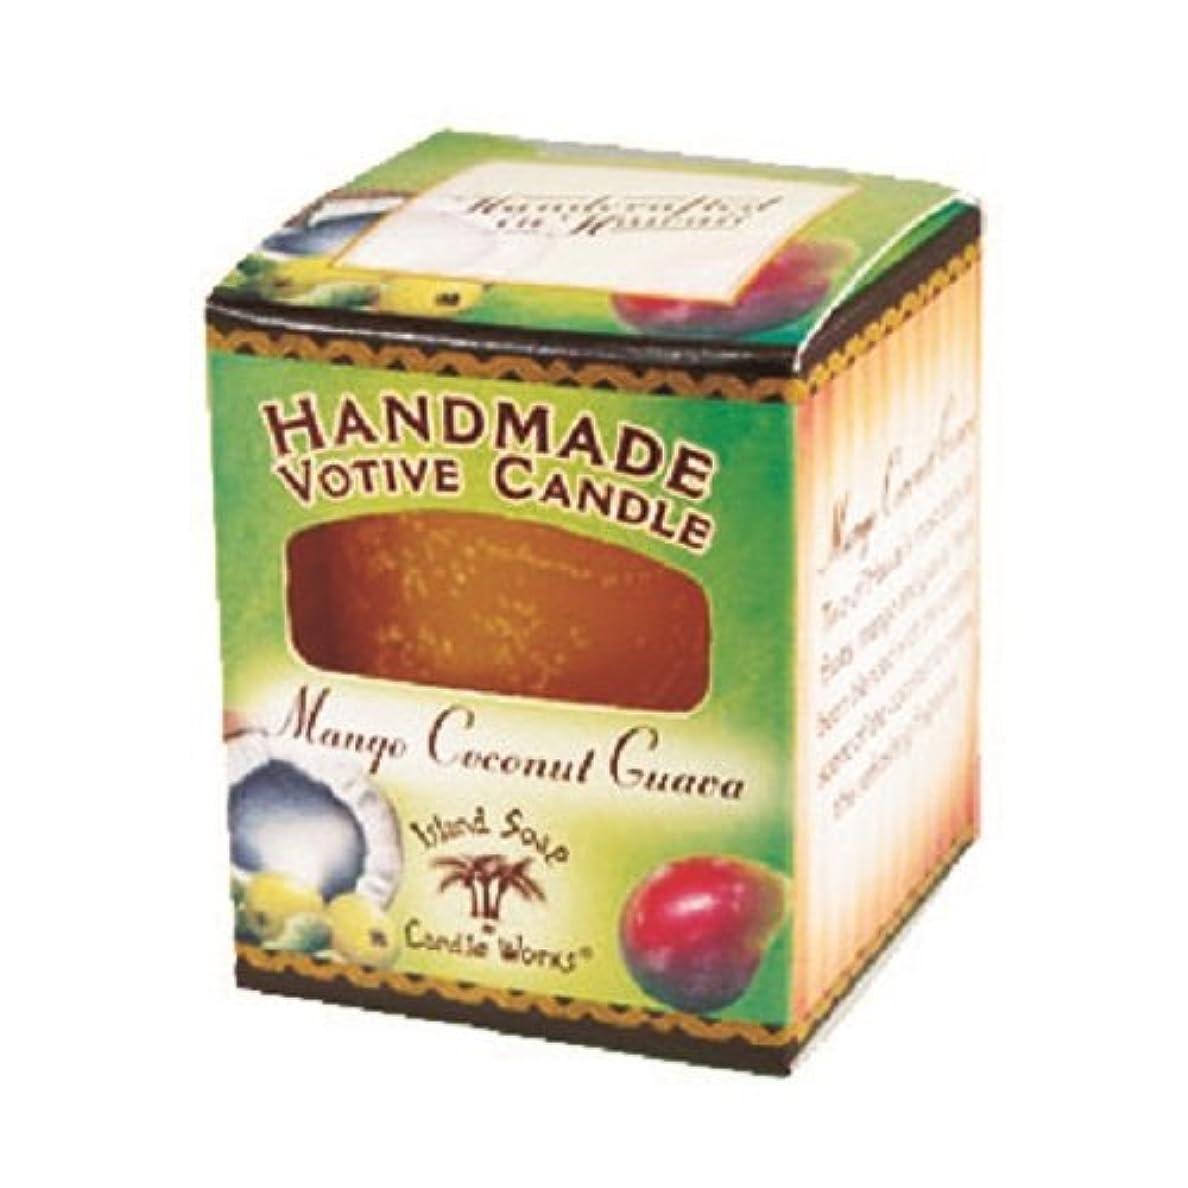 要旨自己するだろうアイランドソープ ボーティブキャンドル マンゴココナッツ